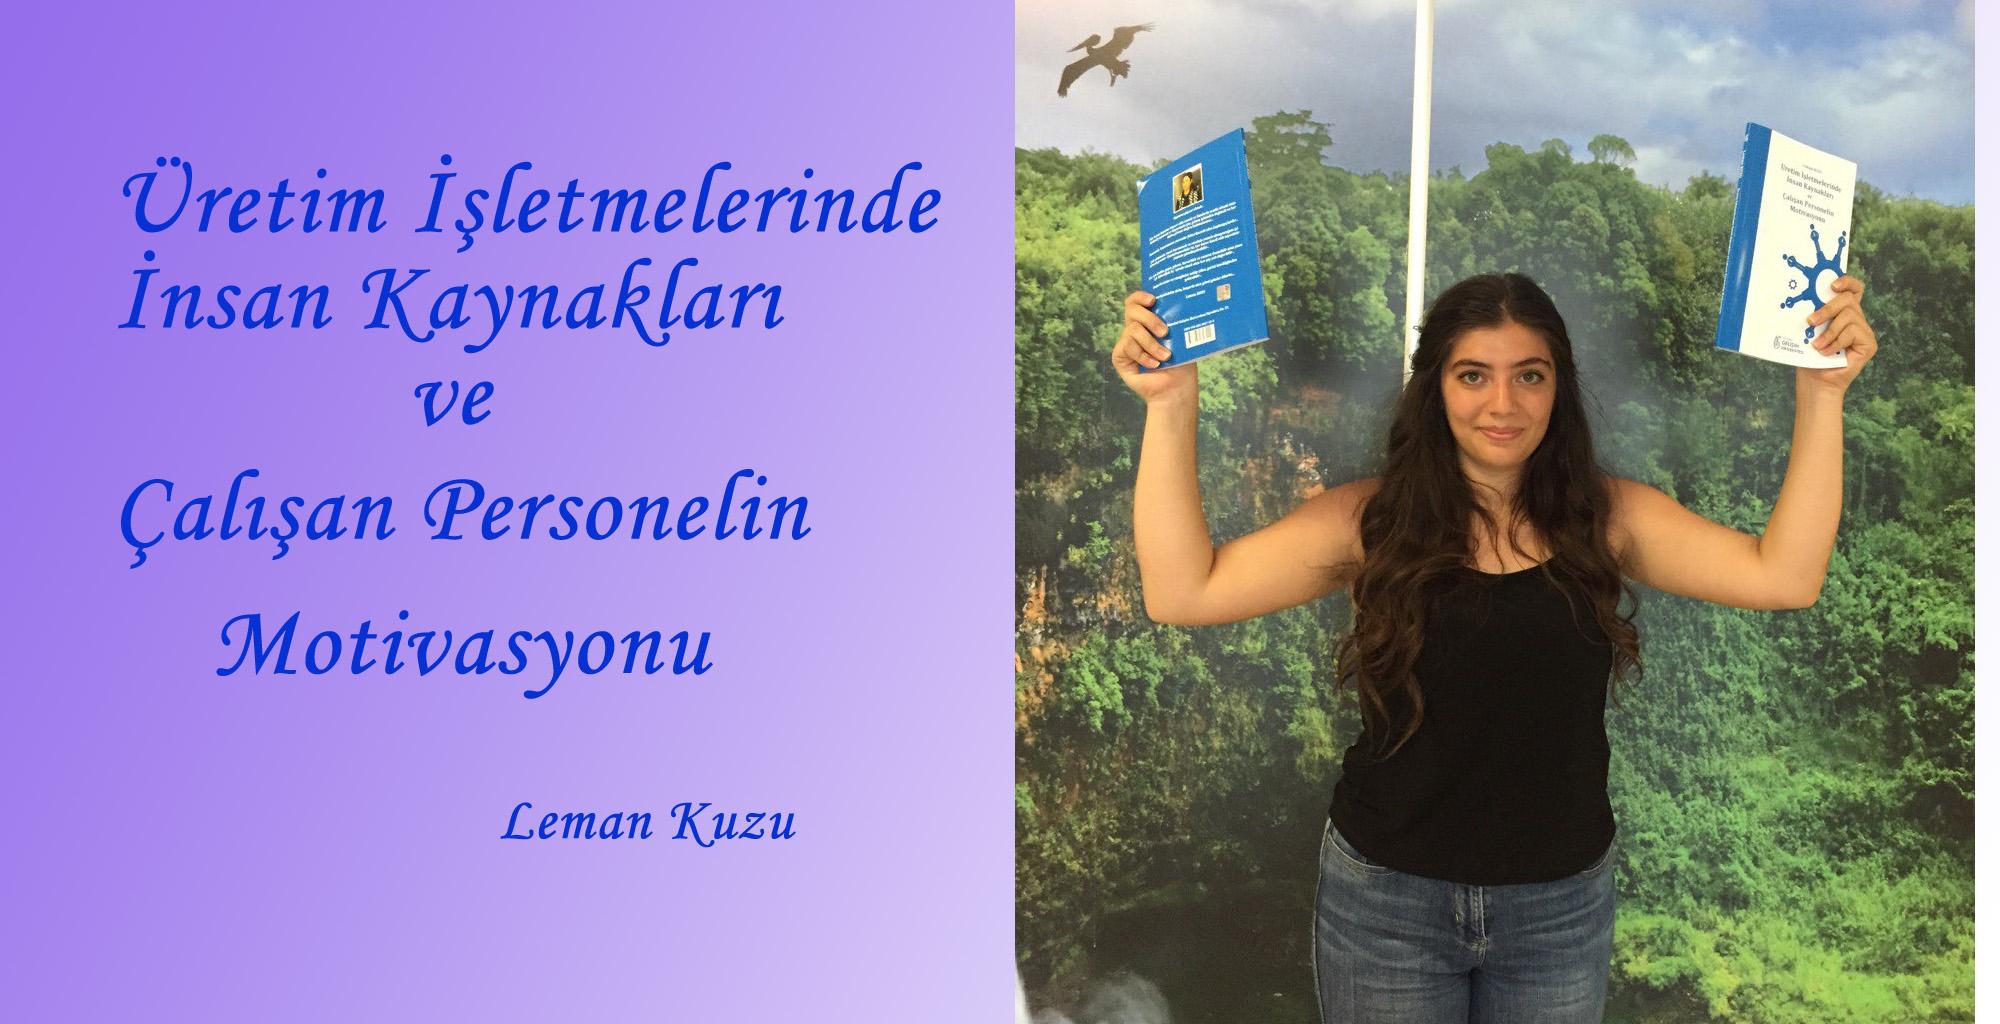 LEMAN KUZU'DAN YENİ BİR KİTAP